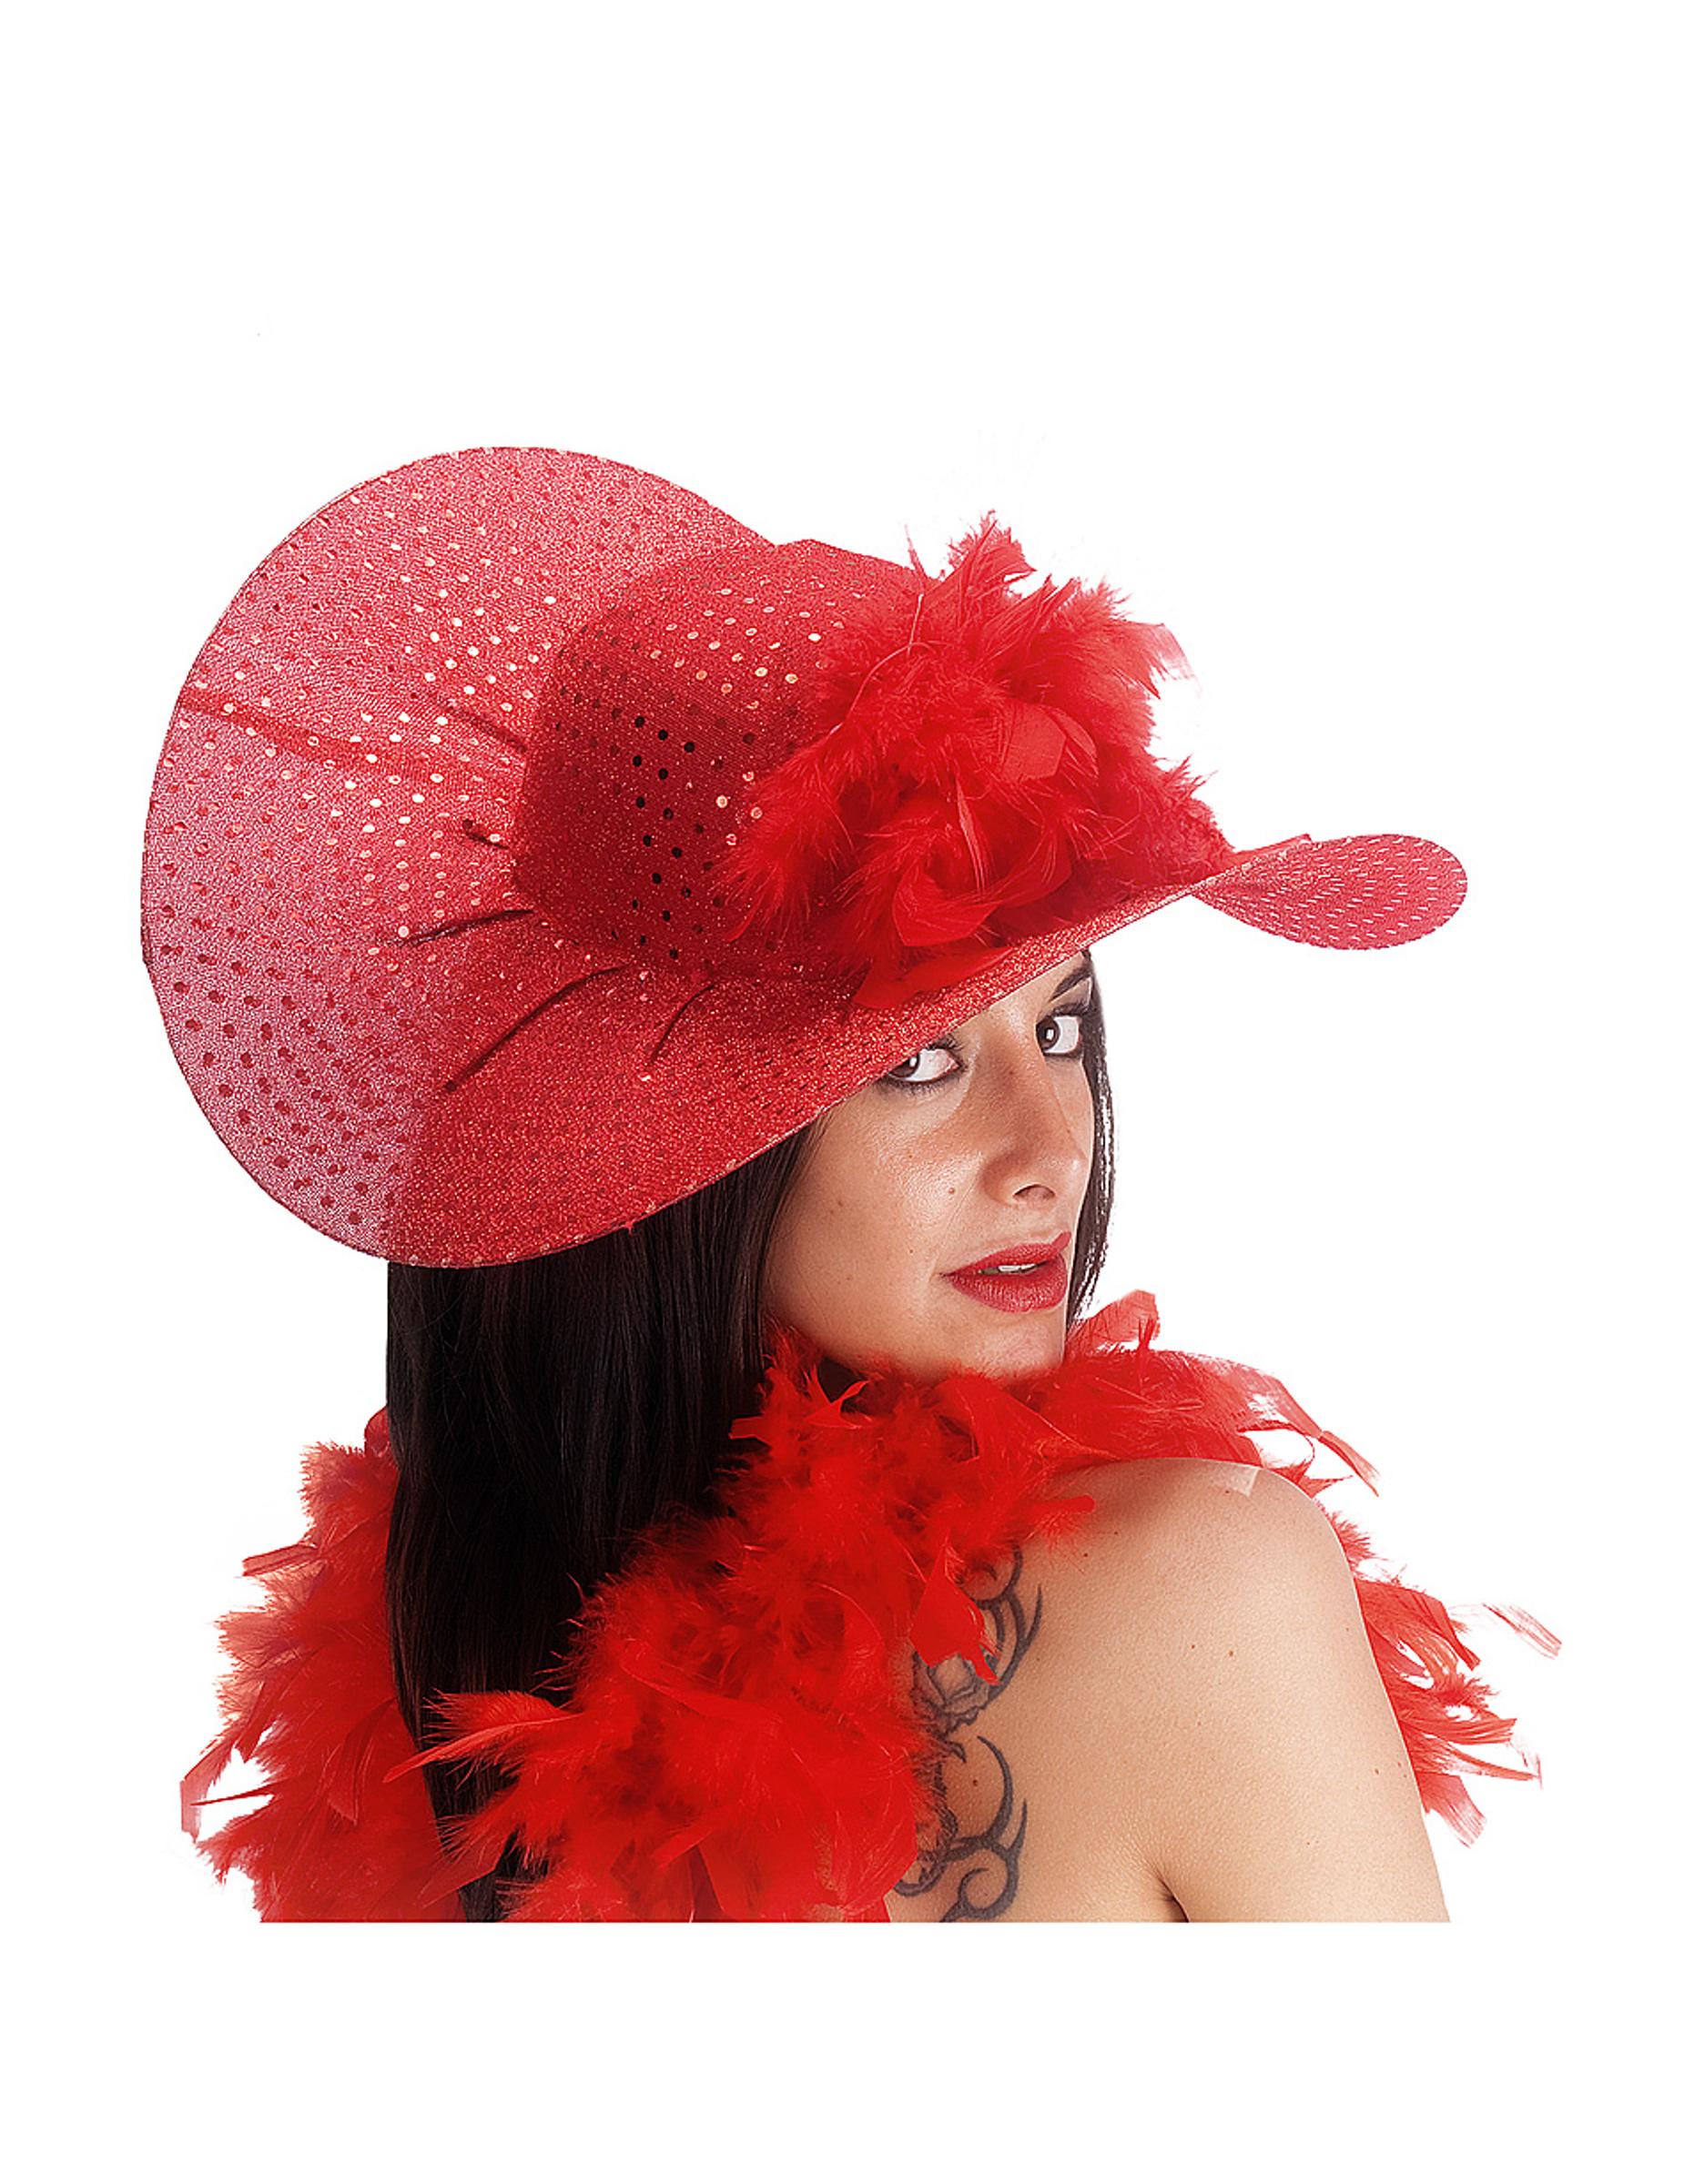 женская шляпа с перьями фото фото названиями описанием